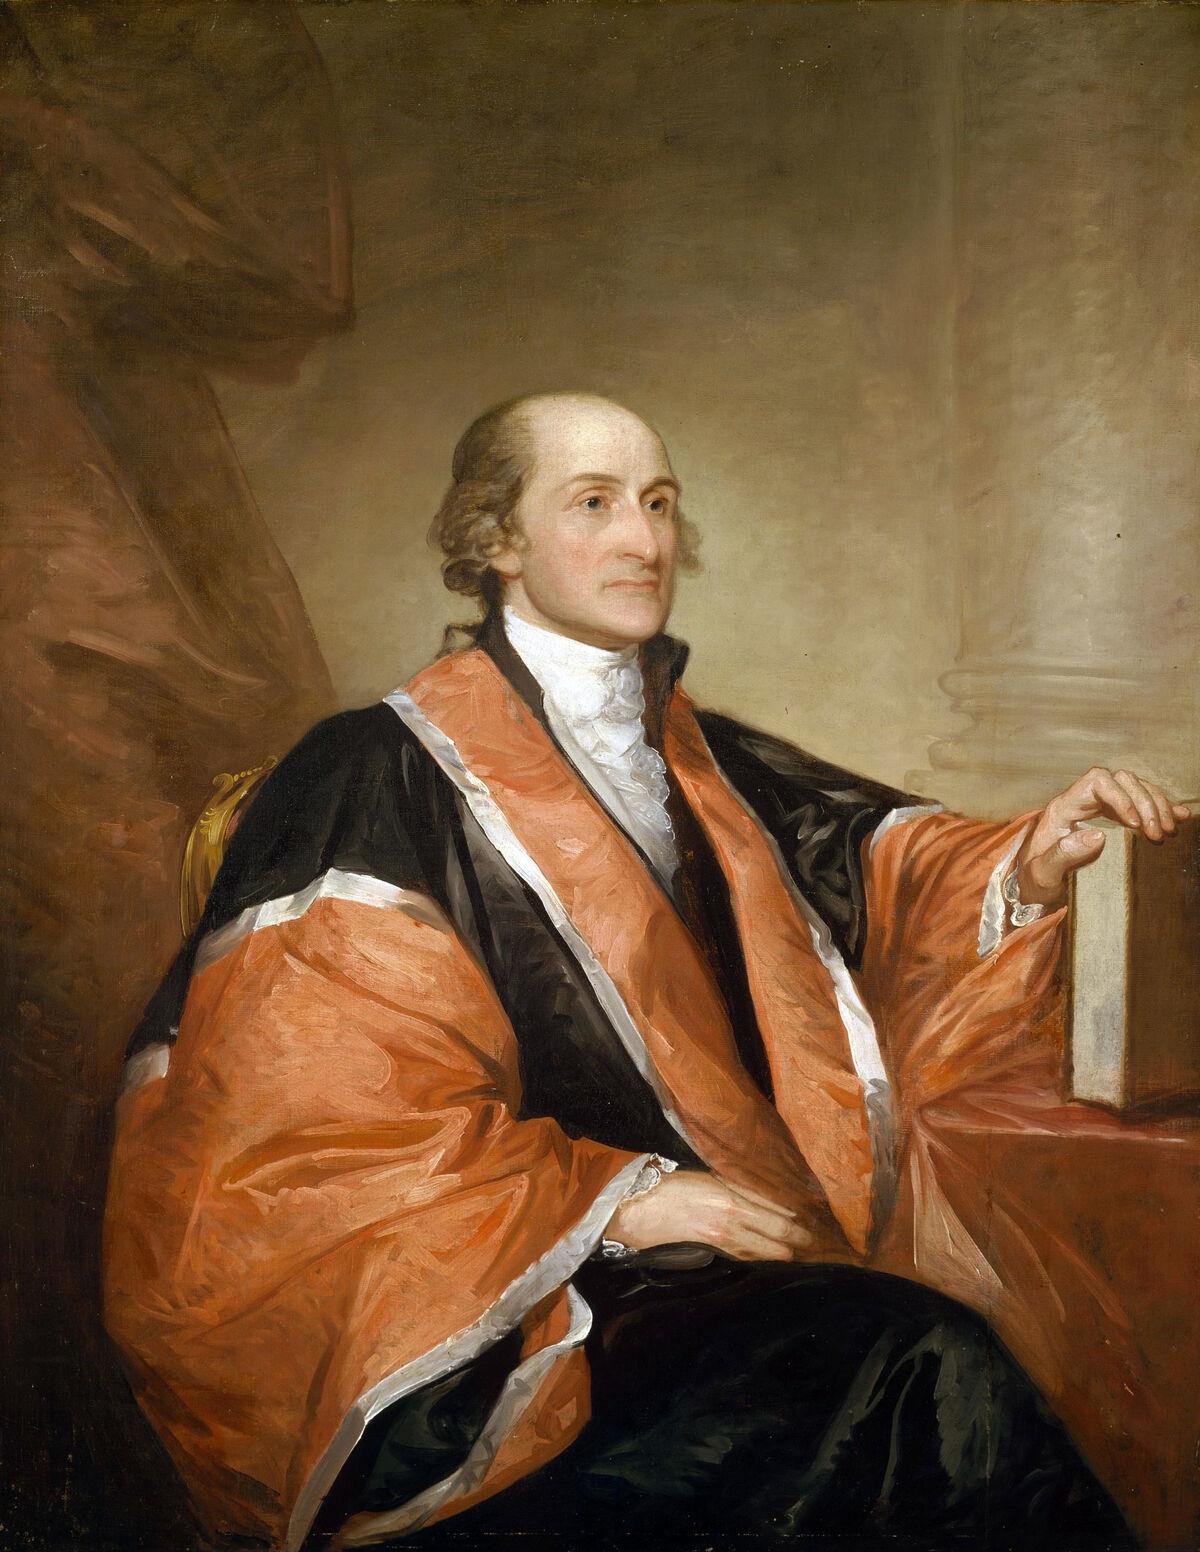 Gilbert Stuart, John Jay, 1794. Image via Wikimedia Commons.